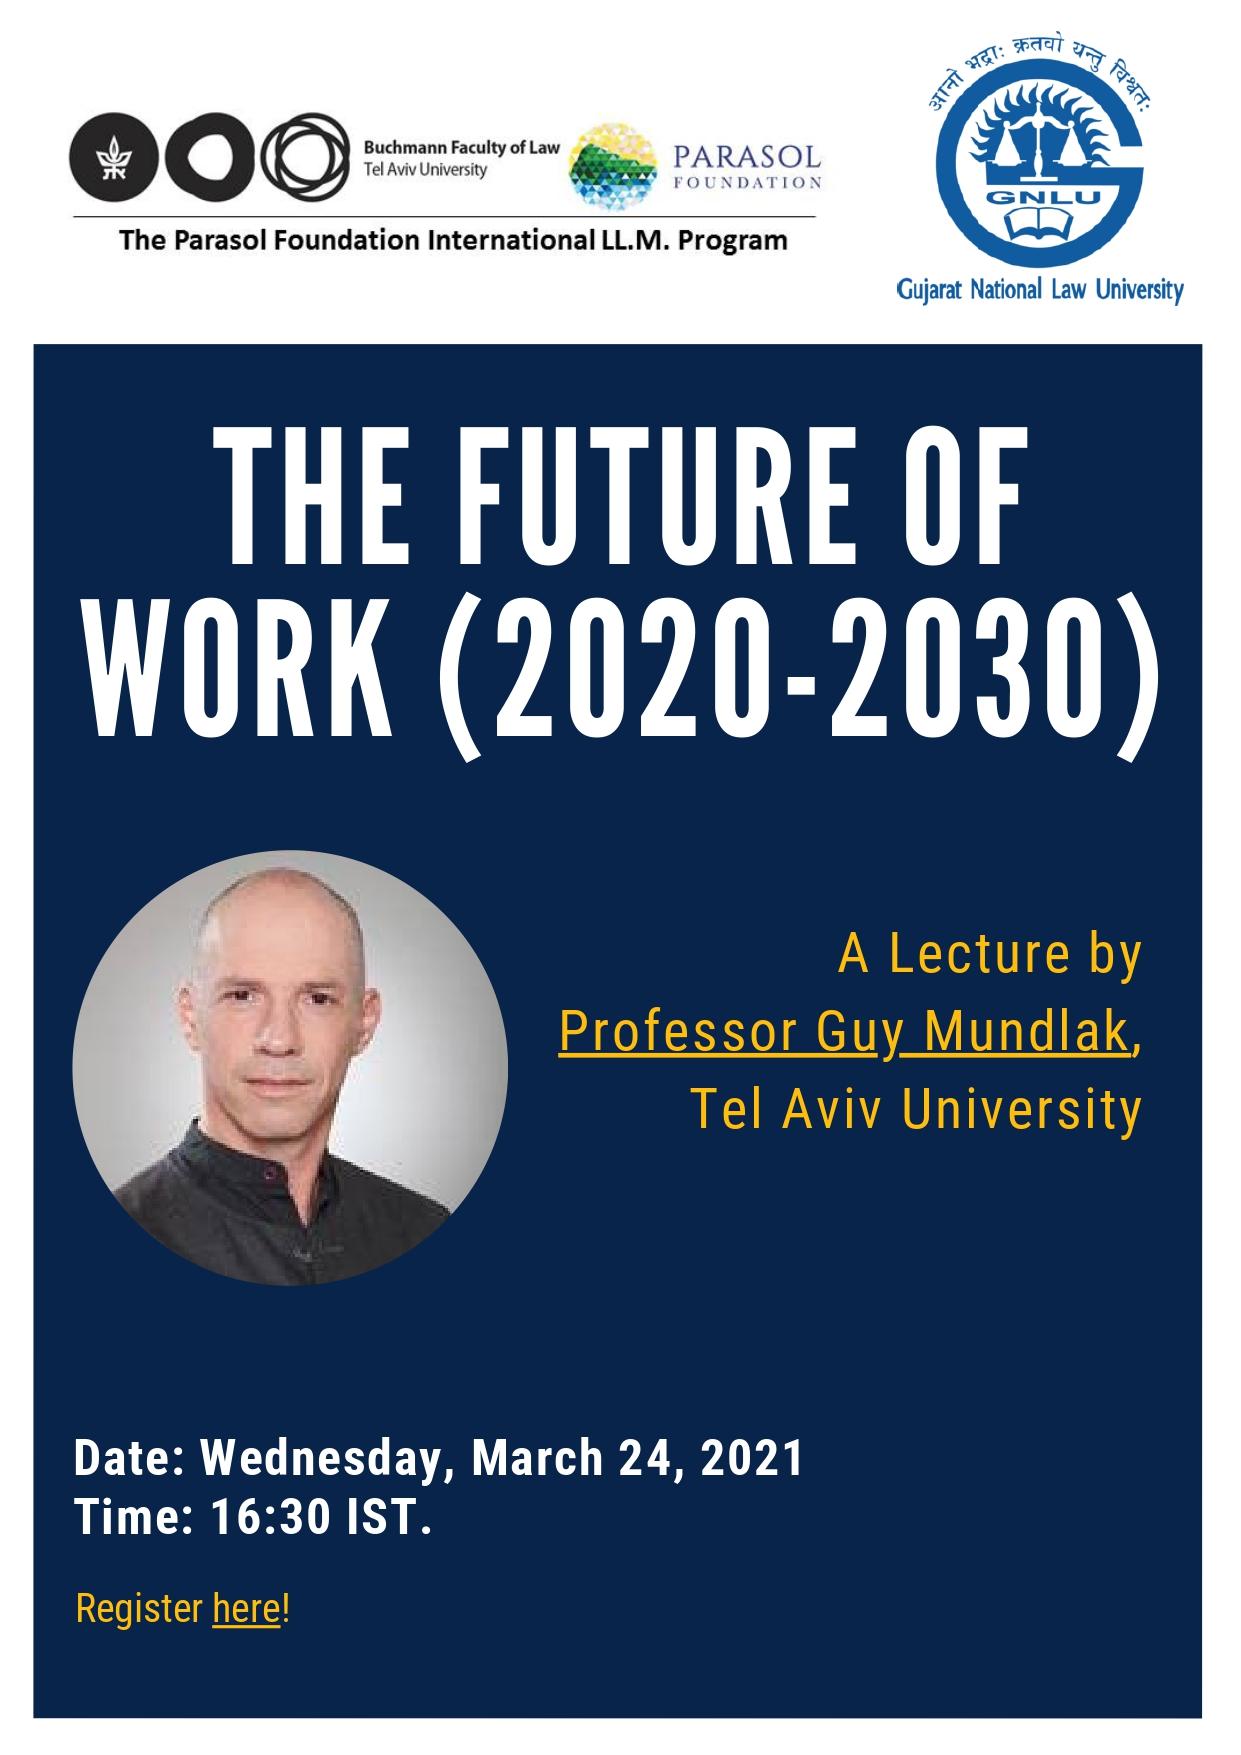 The Future of Work (2020-2030) webinar by gnlu